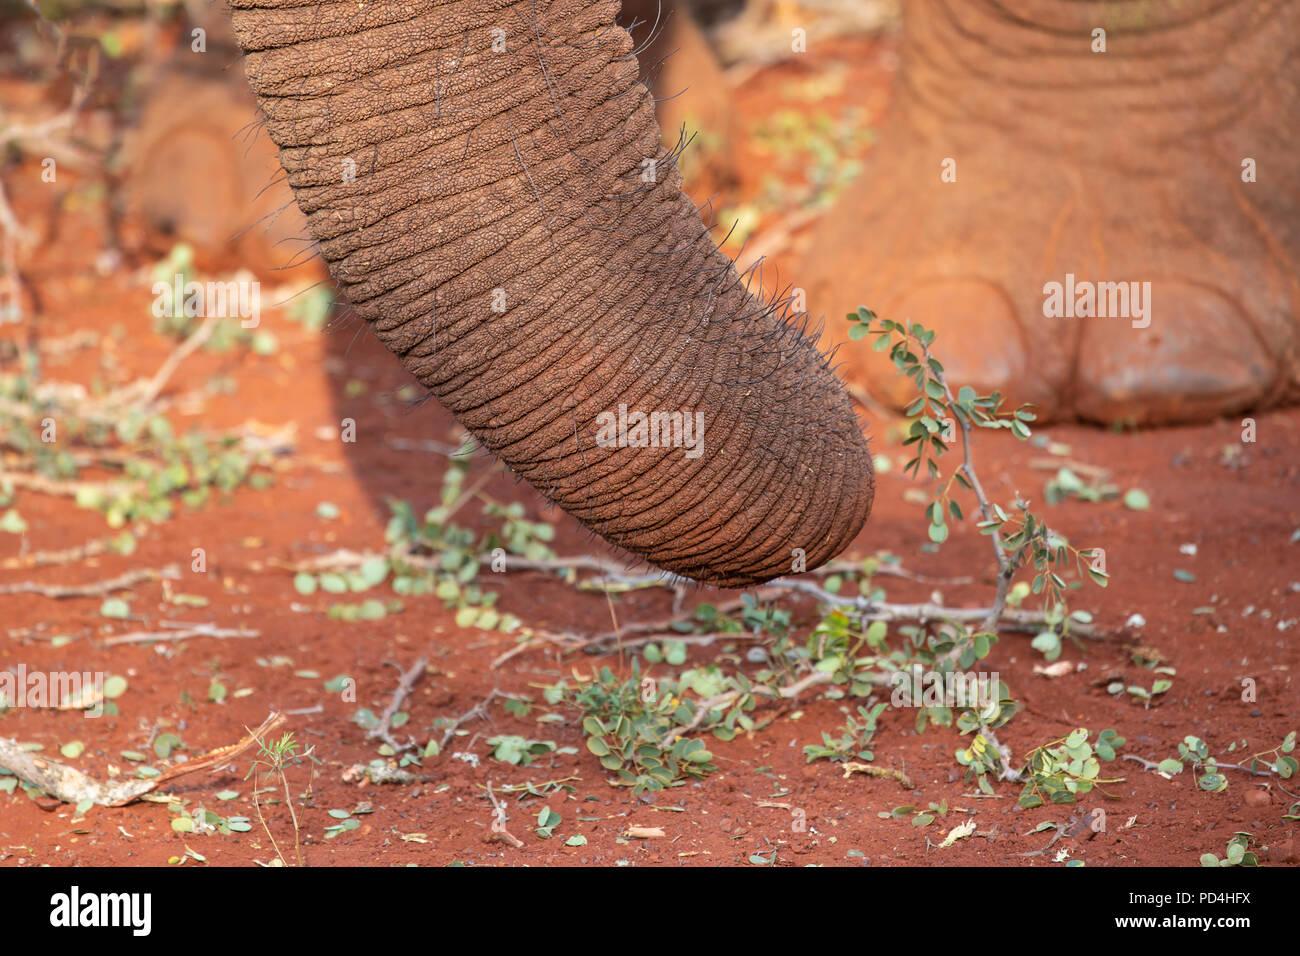 Cerca de una trompa de elefante africano Loxodonta africana con un pie en el fondo Imagen De Stock